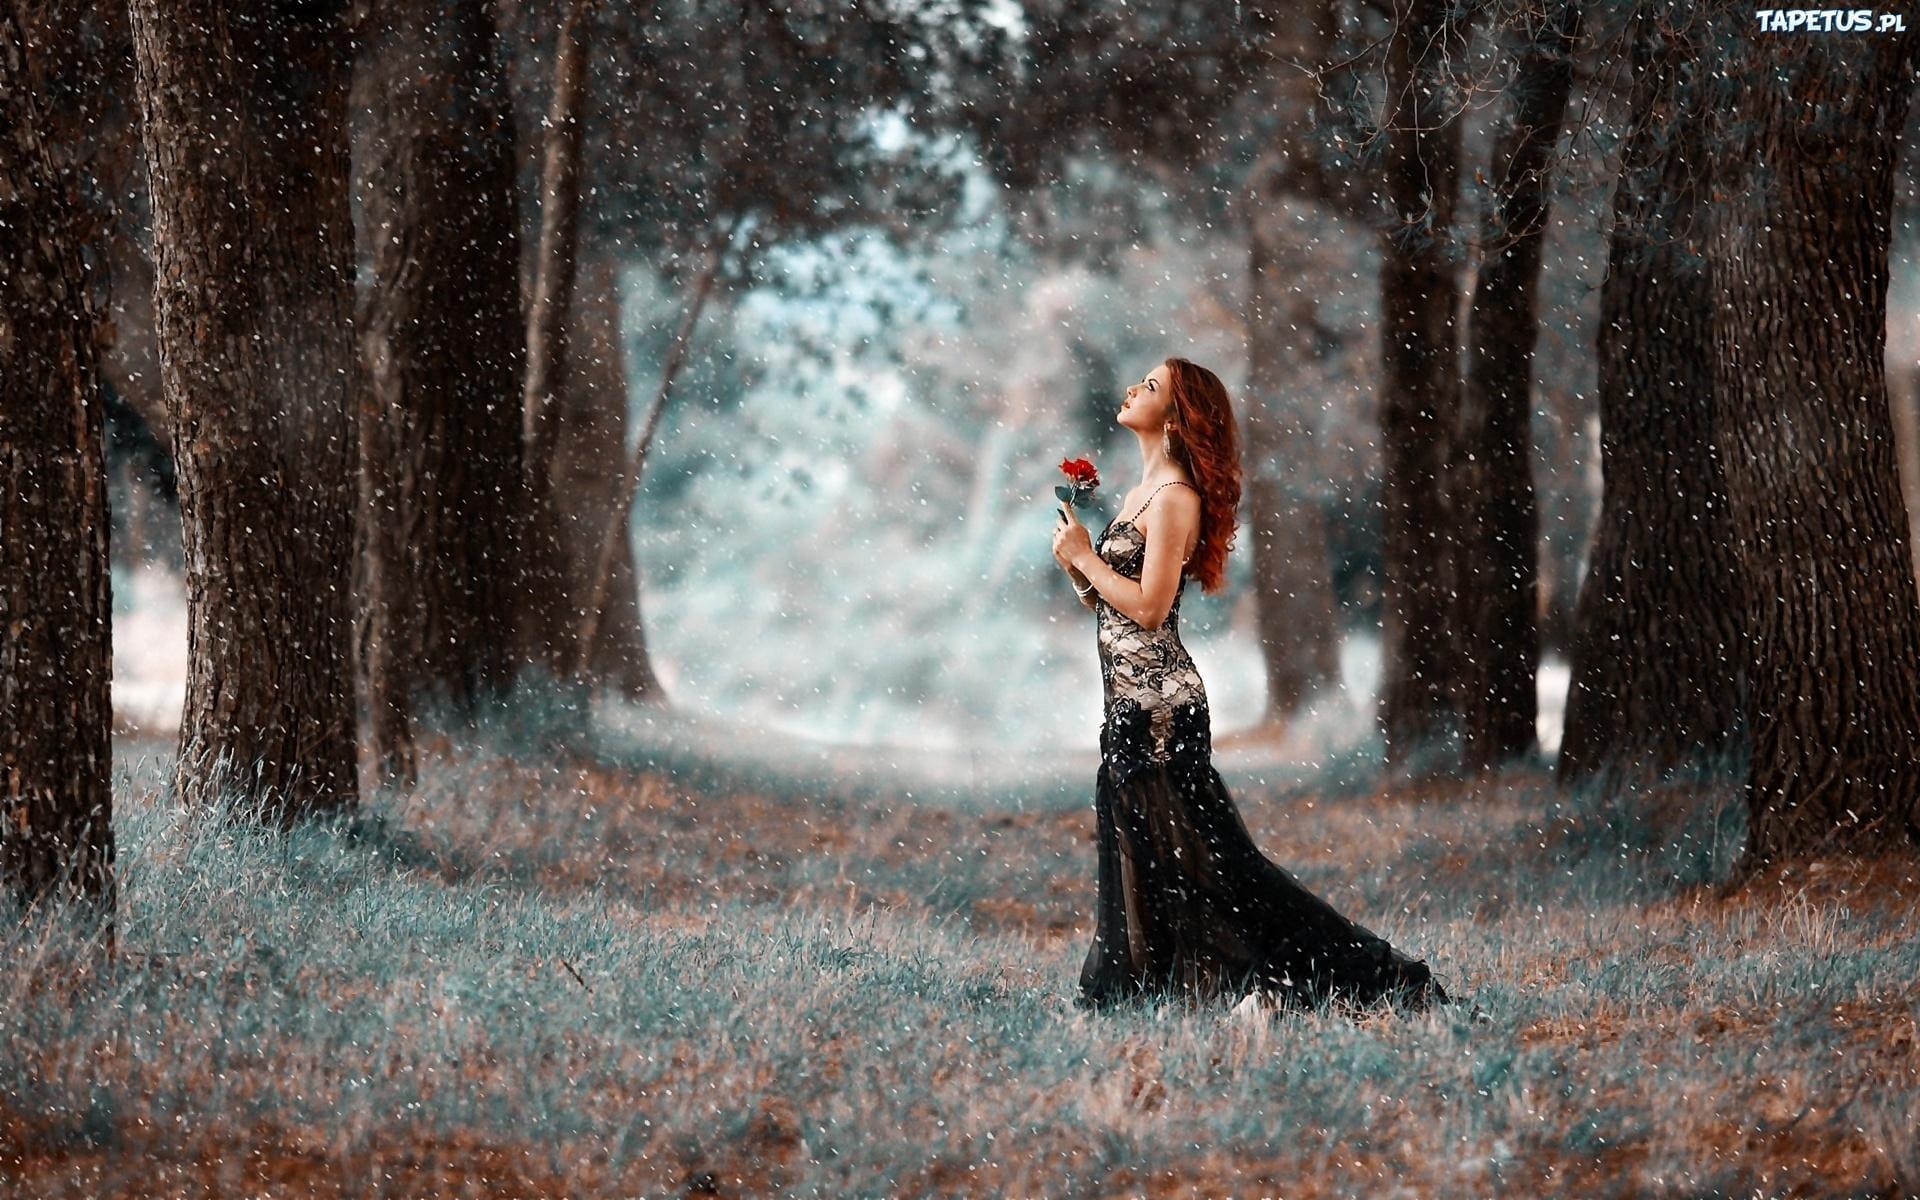 obrazki n 212808 park kobieta roza drzewa